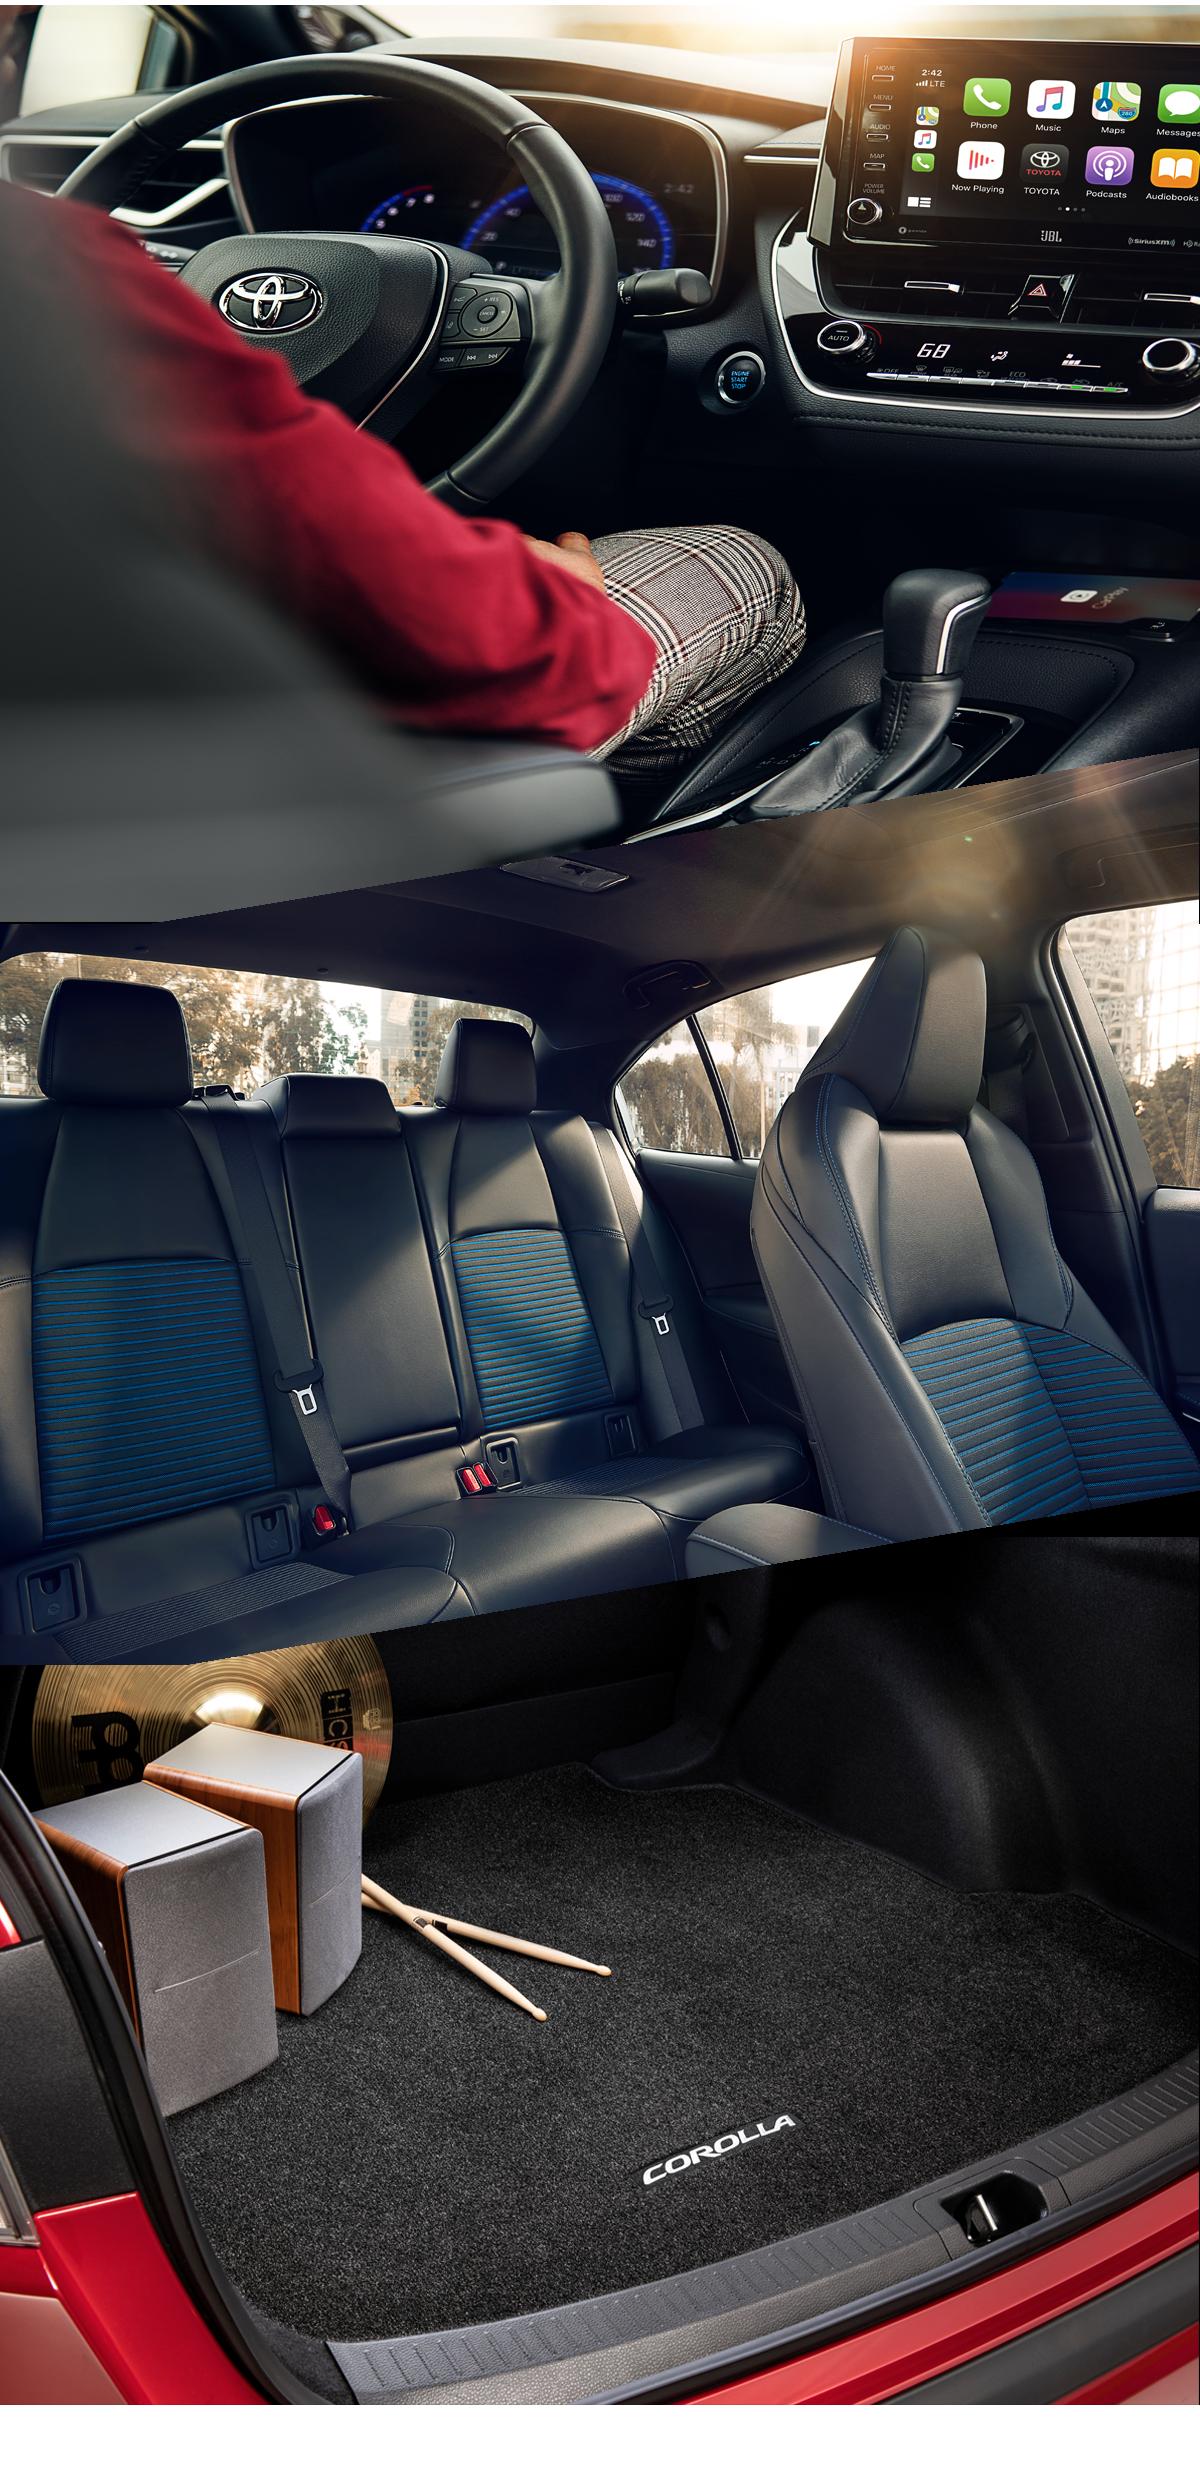 2021 Toyota Corolla Interior Greenville, MS